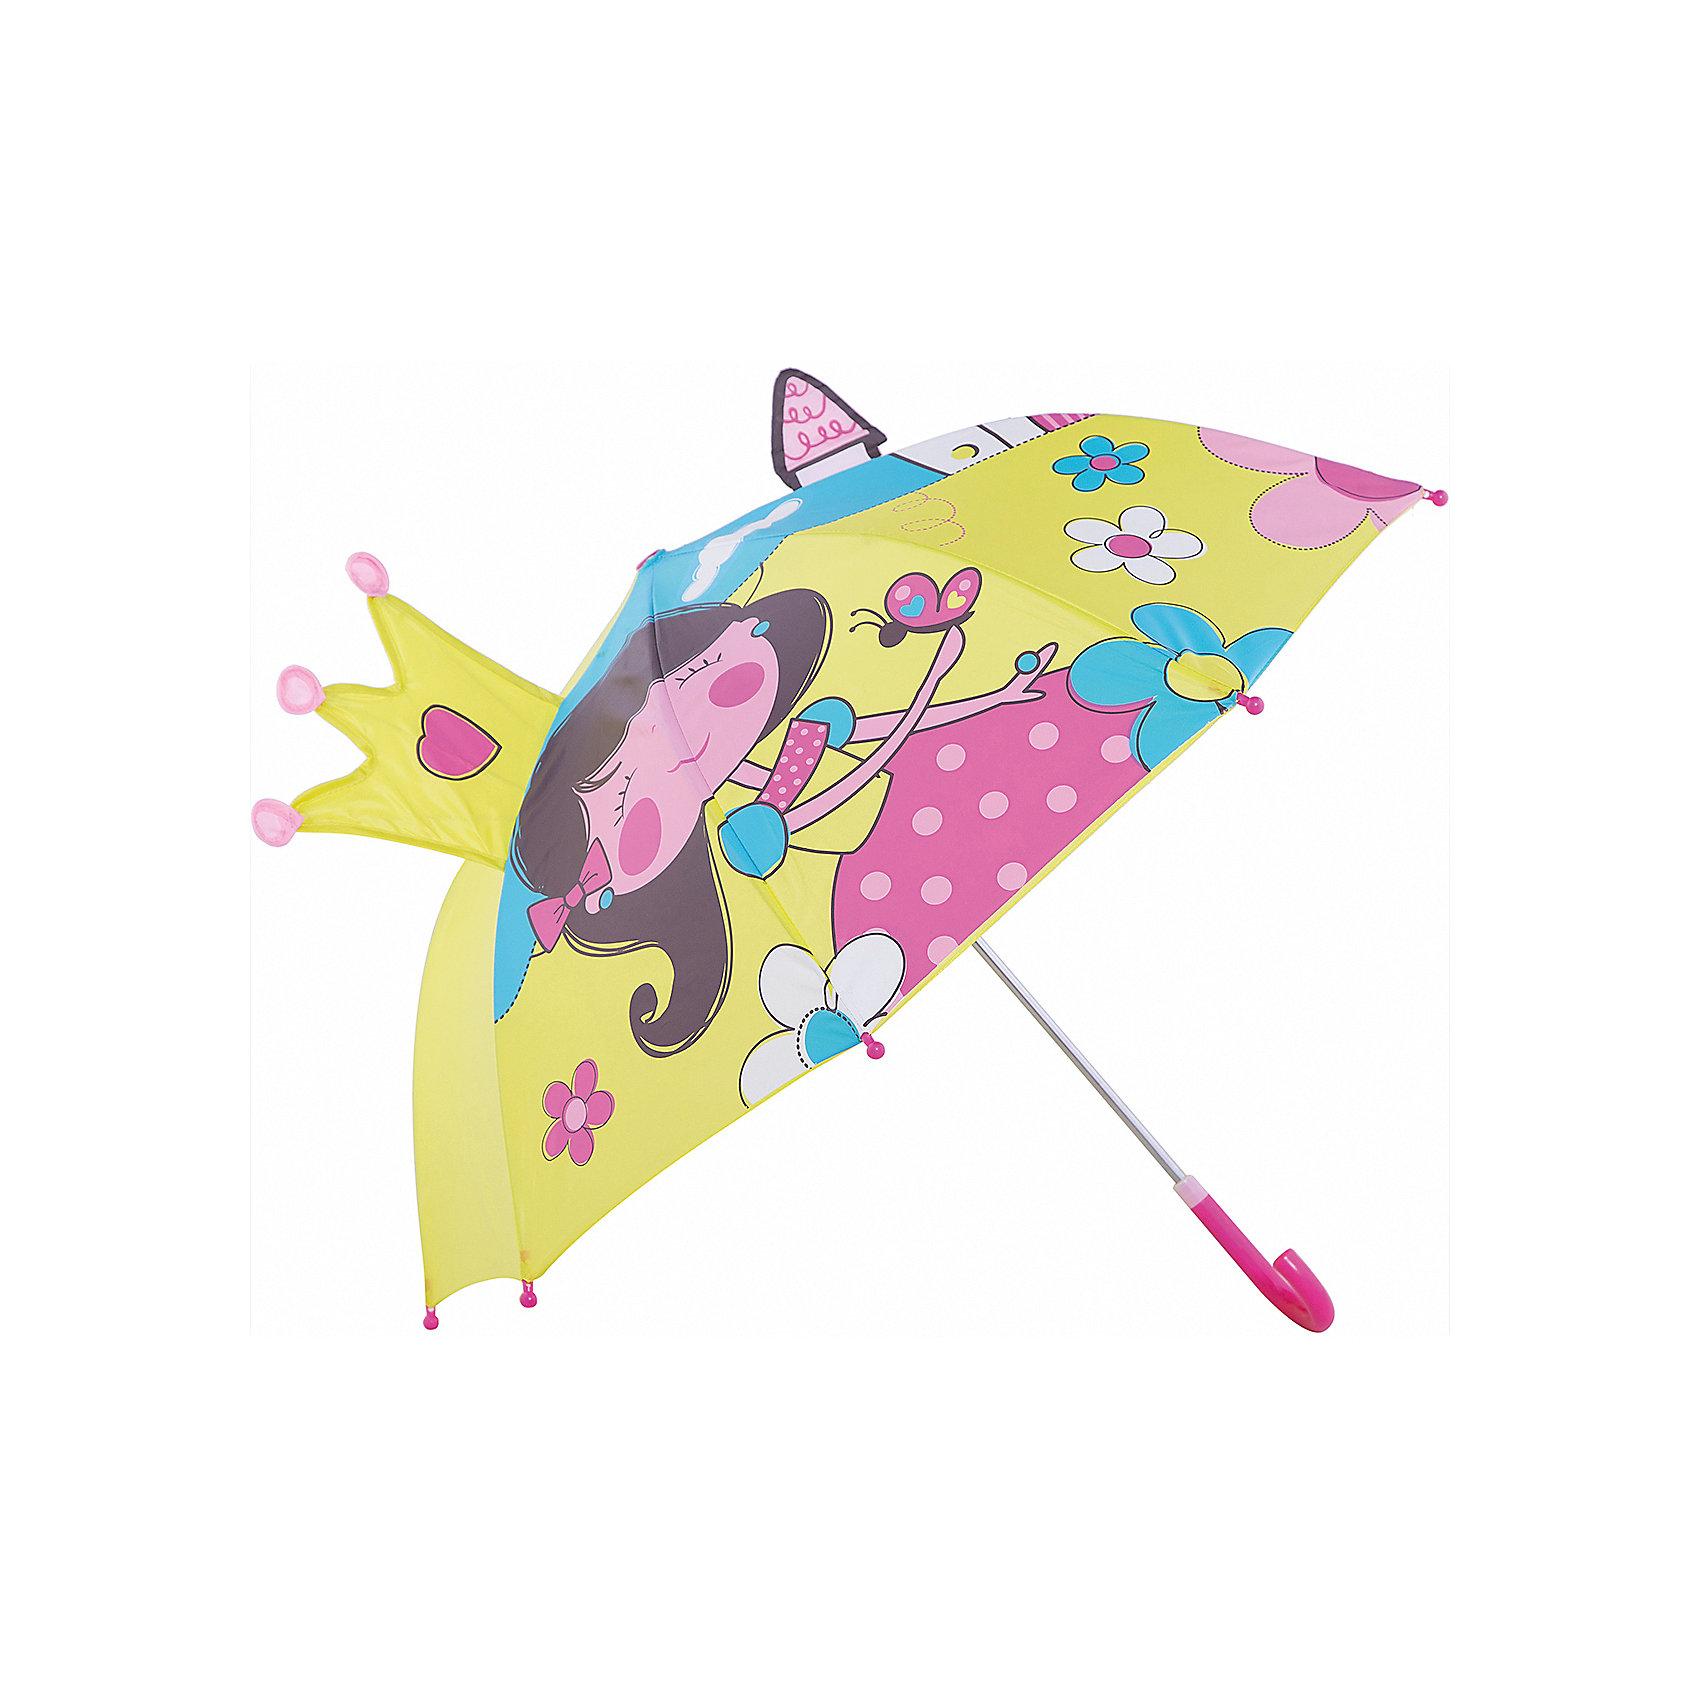 Зонт детский Маленькая принцесса, 46см.Зонты детские<br>Зонт детский Маленькая принцесса, 46см., Mary Poppins (Мэри Поппинс)<br><br>Характеристики:<br><br>• устойчив к ветру<br>• система складывания: механическая<br>• прочное крепление купола<br>• радиус купола: 46 см<br>• длина ручки: 57 см<br>• пластиковые насадки на спицах<br>• материал: текстиль, металл, пластик<br>• размер упаковки: 58х4х8 см<br><br>Зонт Маленькая принцесса защитит девочку от дождя и поднимет настроение в непогоду. Купол зонтика выполнен из водонепроницаемого материала и оформлен красочным изображением принцессы. Юная леди точно не расстроится, если начнется дождь. Купол зонта прочно крепится к каркасу, благодаря чему, зонт устойчив к сильному ветру и дождю. На концах спиц расположены закругленные наконечники.<br><br>Зонт детский Маленькая принцесса, 46см., Mary Poppins (Мэри Поппинс) вы можете купить  в нашем интернет-магазине.<br><br>Ширина мм: 580<br>Глубина мм: 600<br>Высота мм: 800<br>Вес г: 250<br>Возраст от месяцев: 36<br>Возраст до месяцев: 2147483647<br>Пол: Женский<br>Возраст: Детский<br>SKU: 5508515